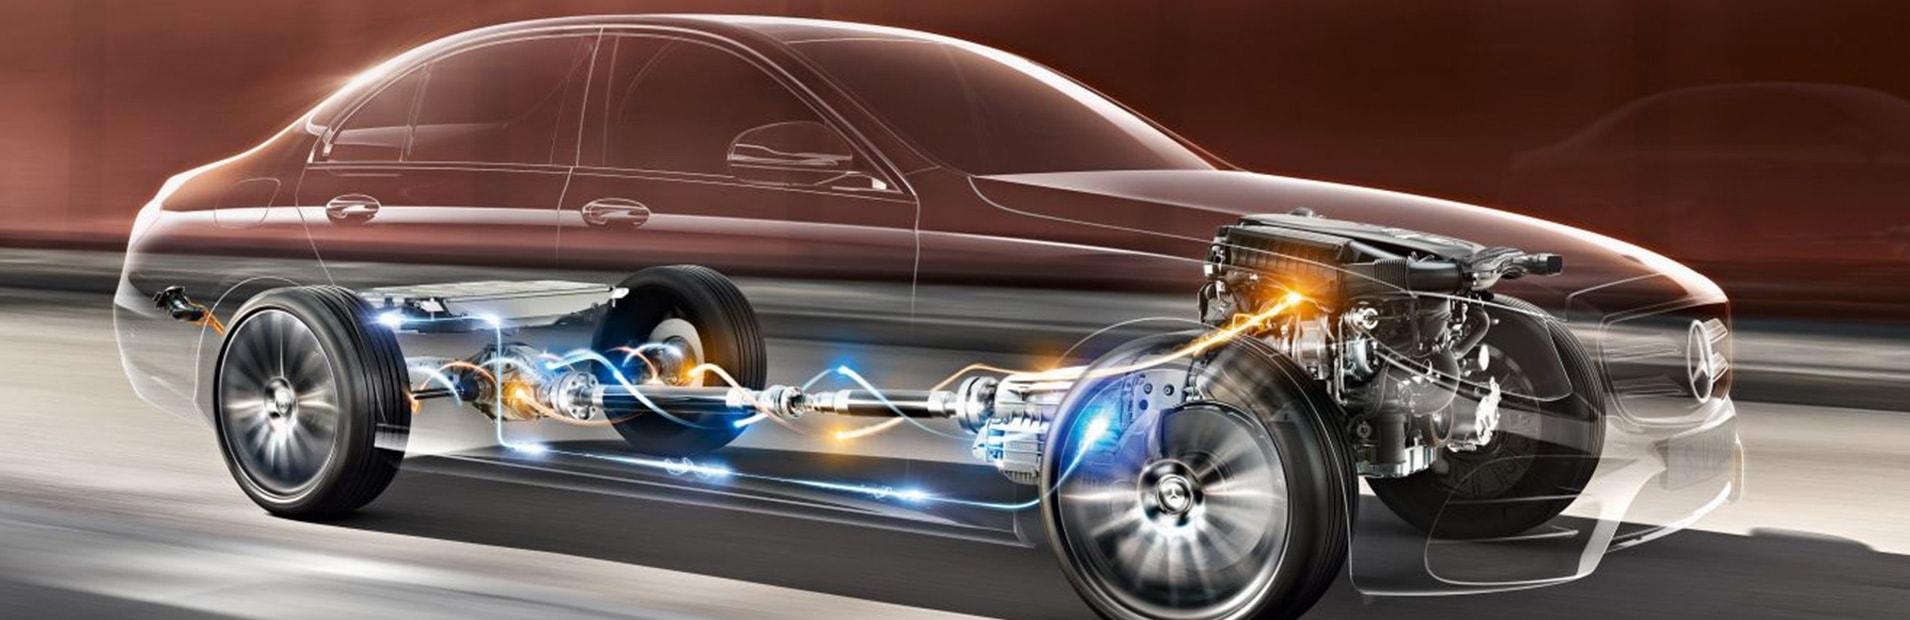 How Do You Drive A Hybrid Car